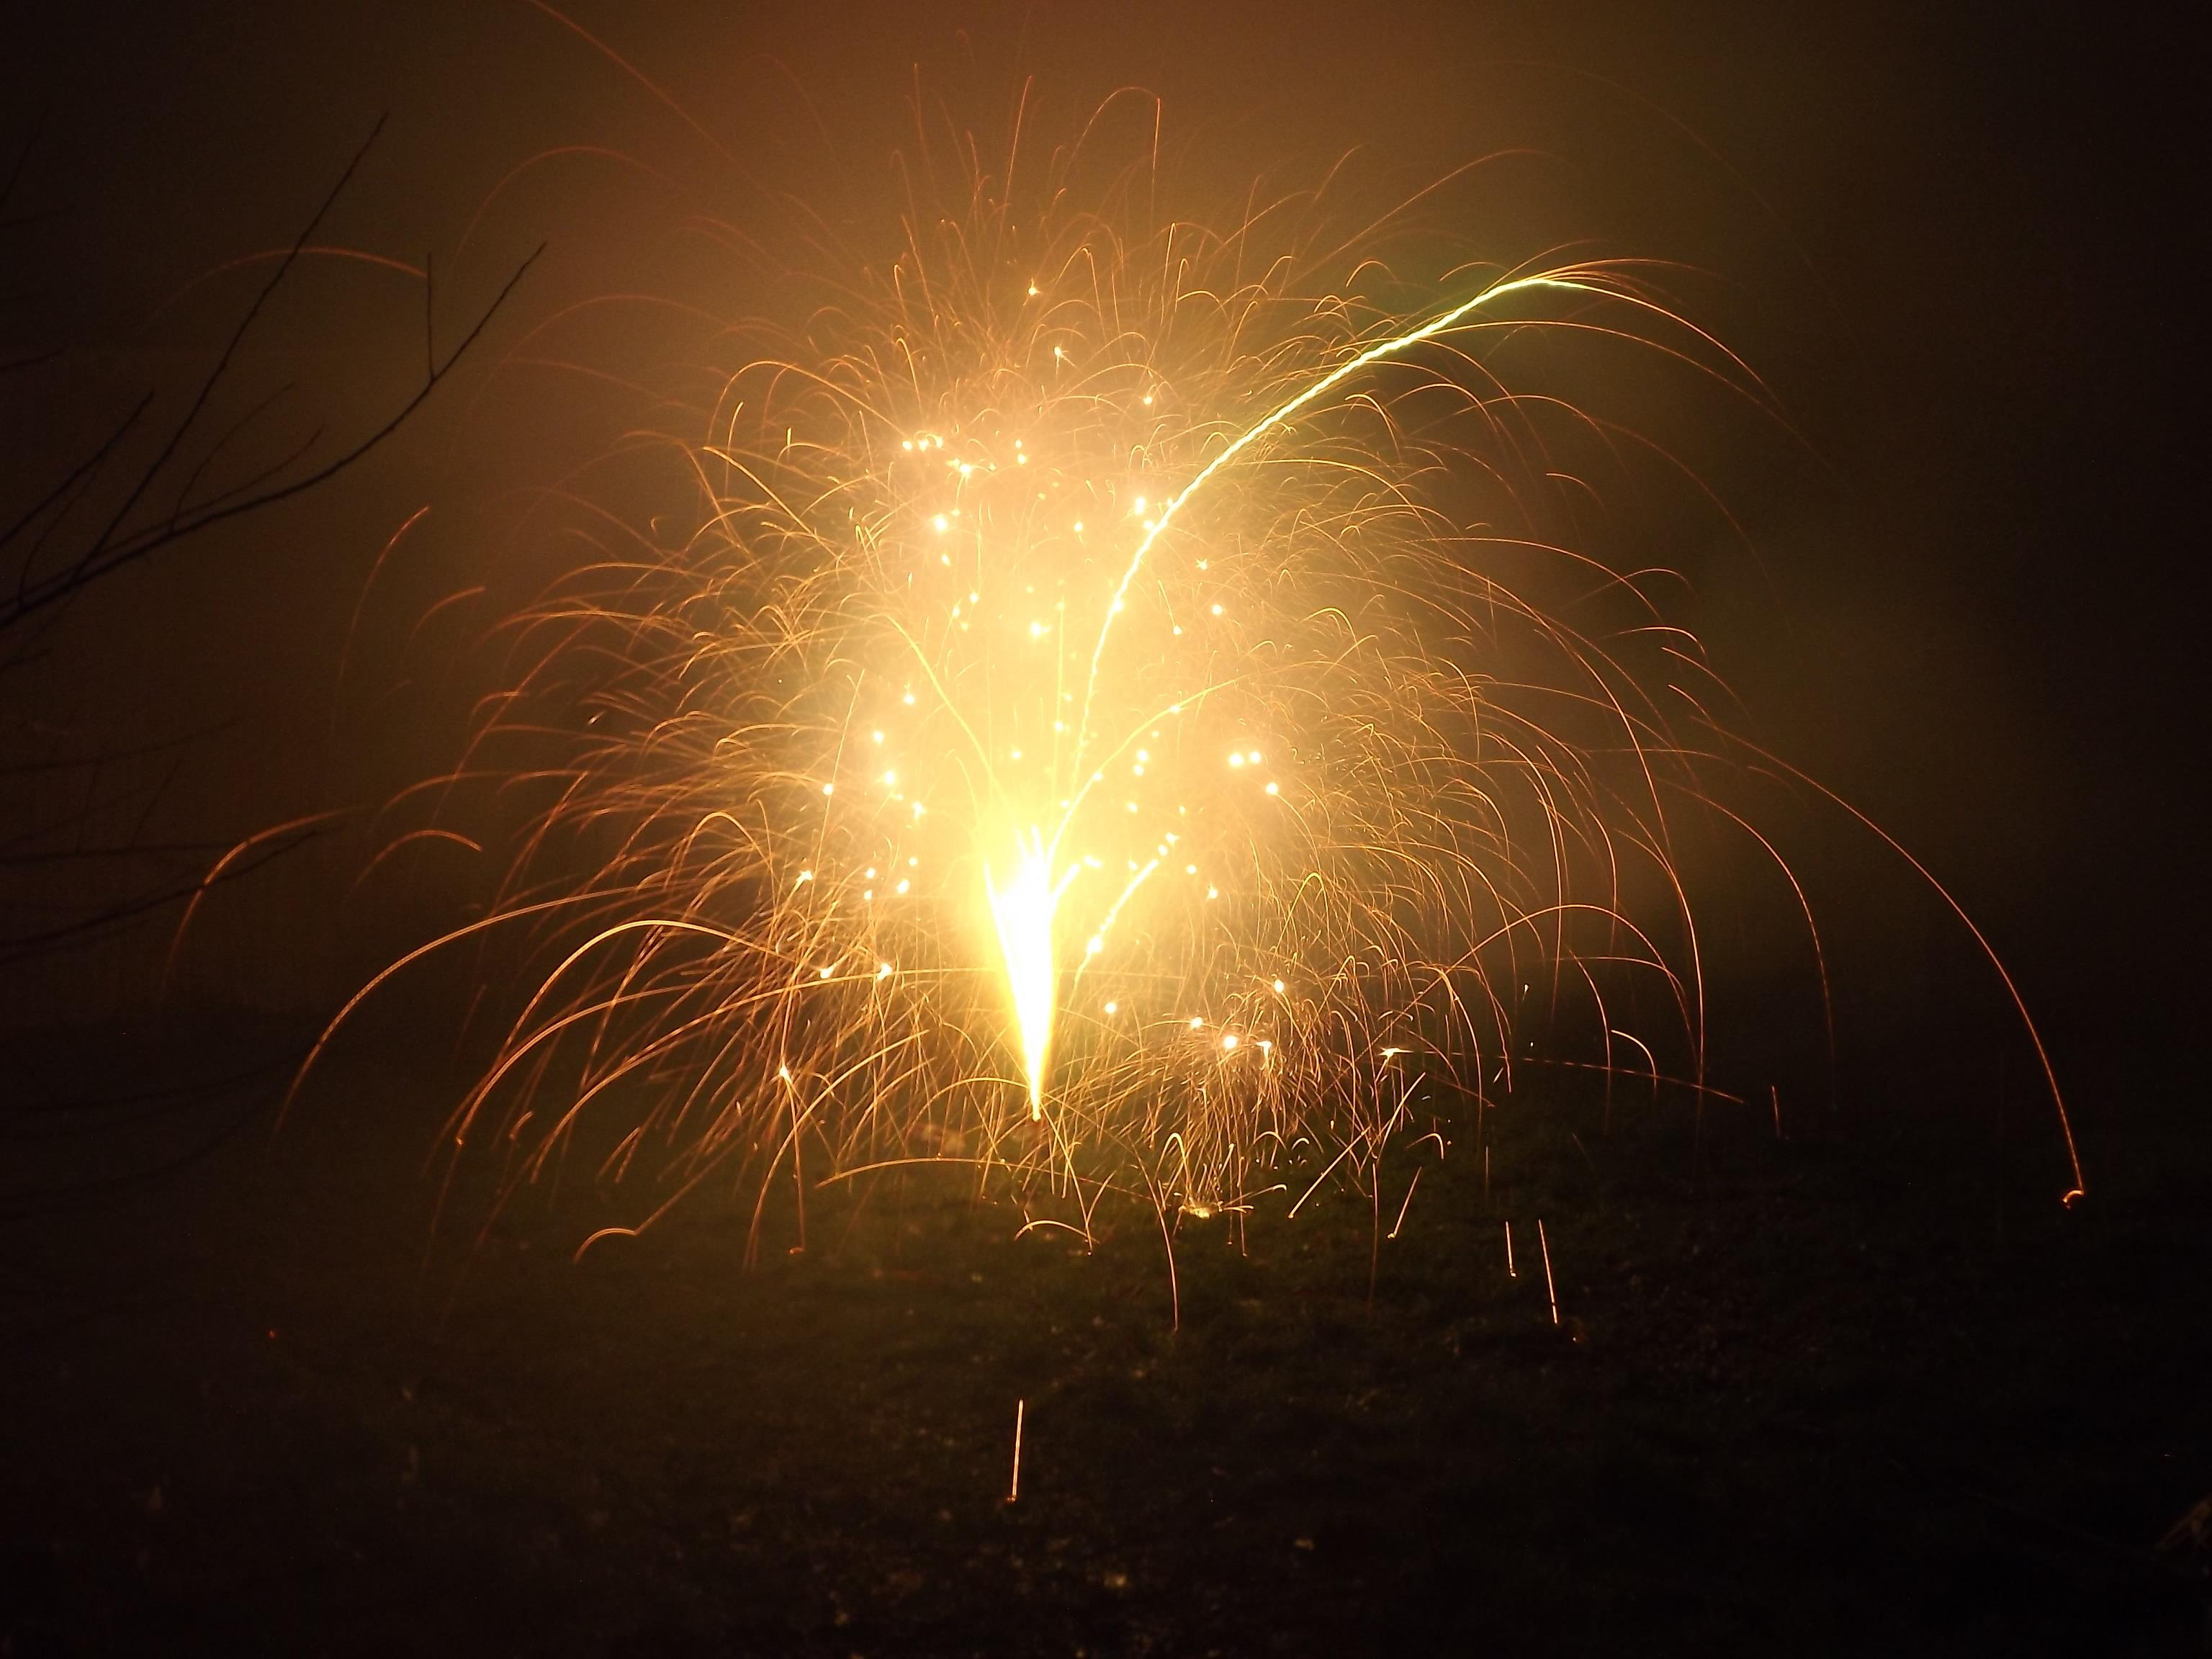 6744-feuerwerk-silvester-neujahr-crackling-orange-gruen